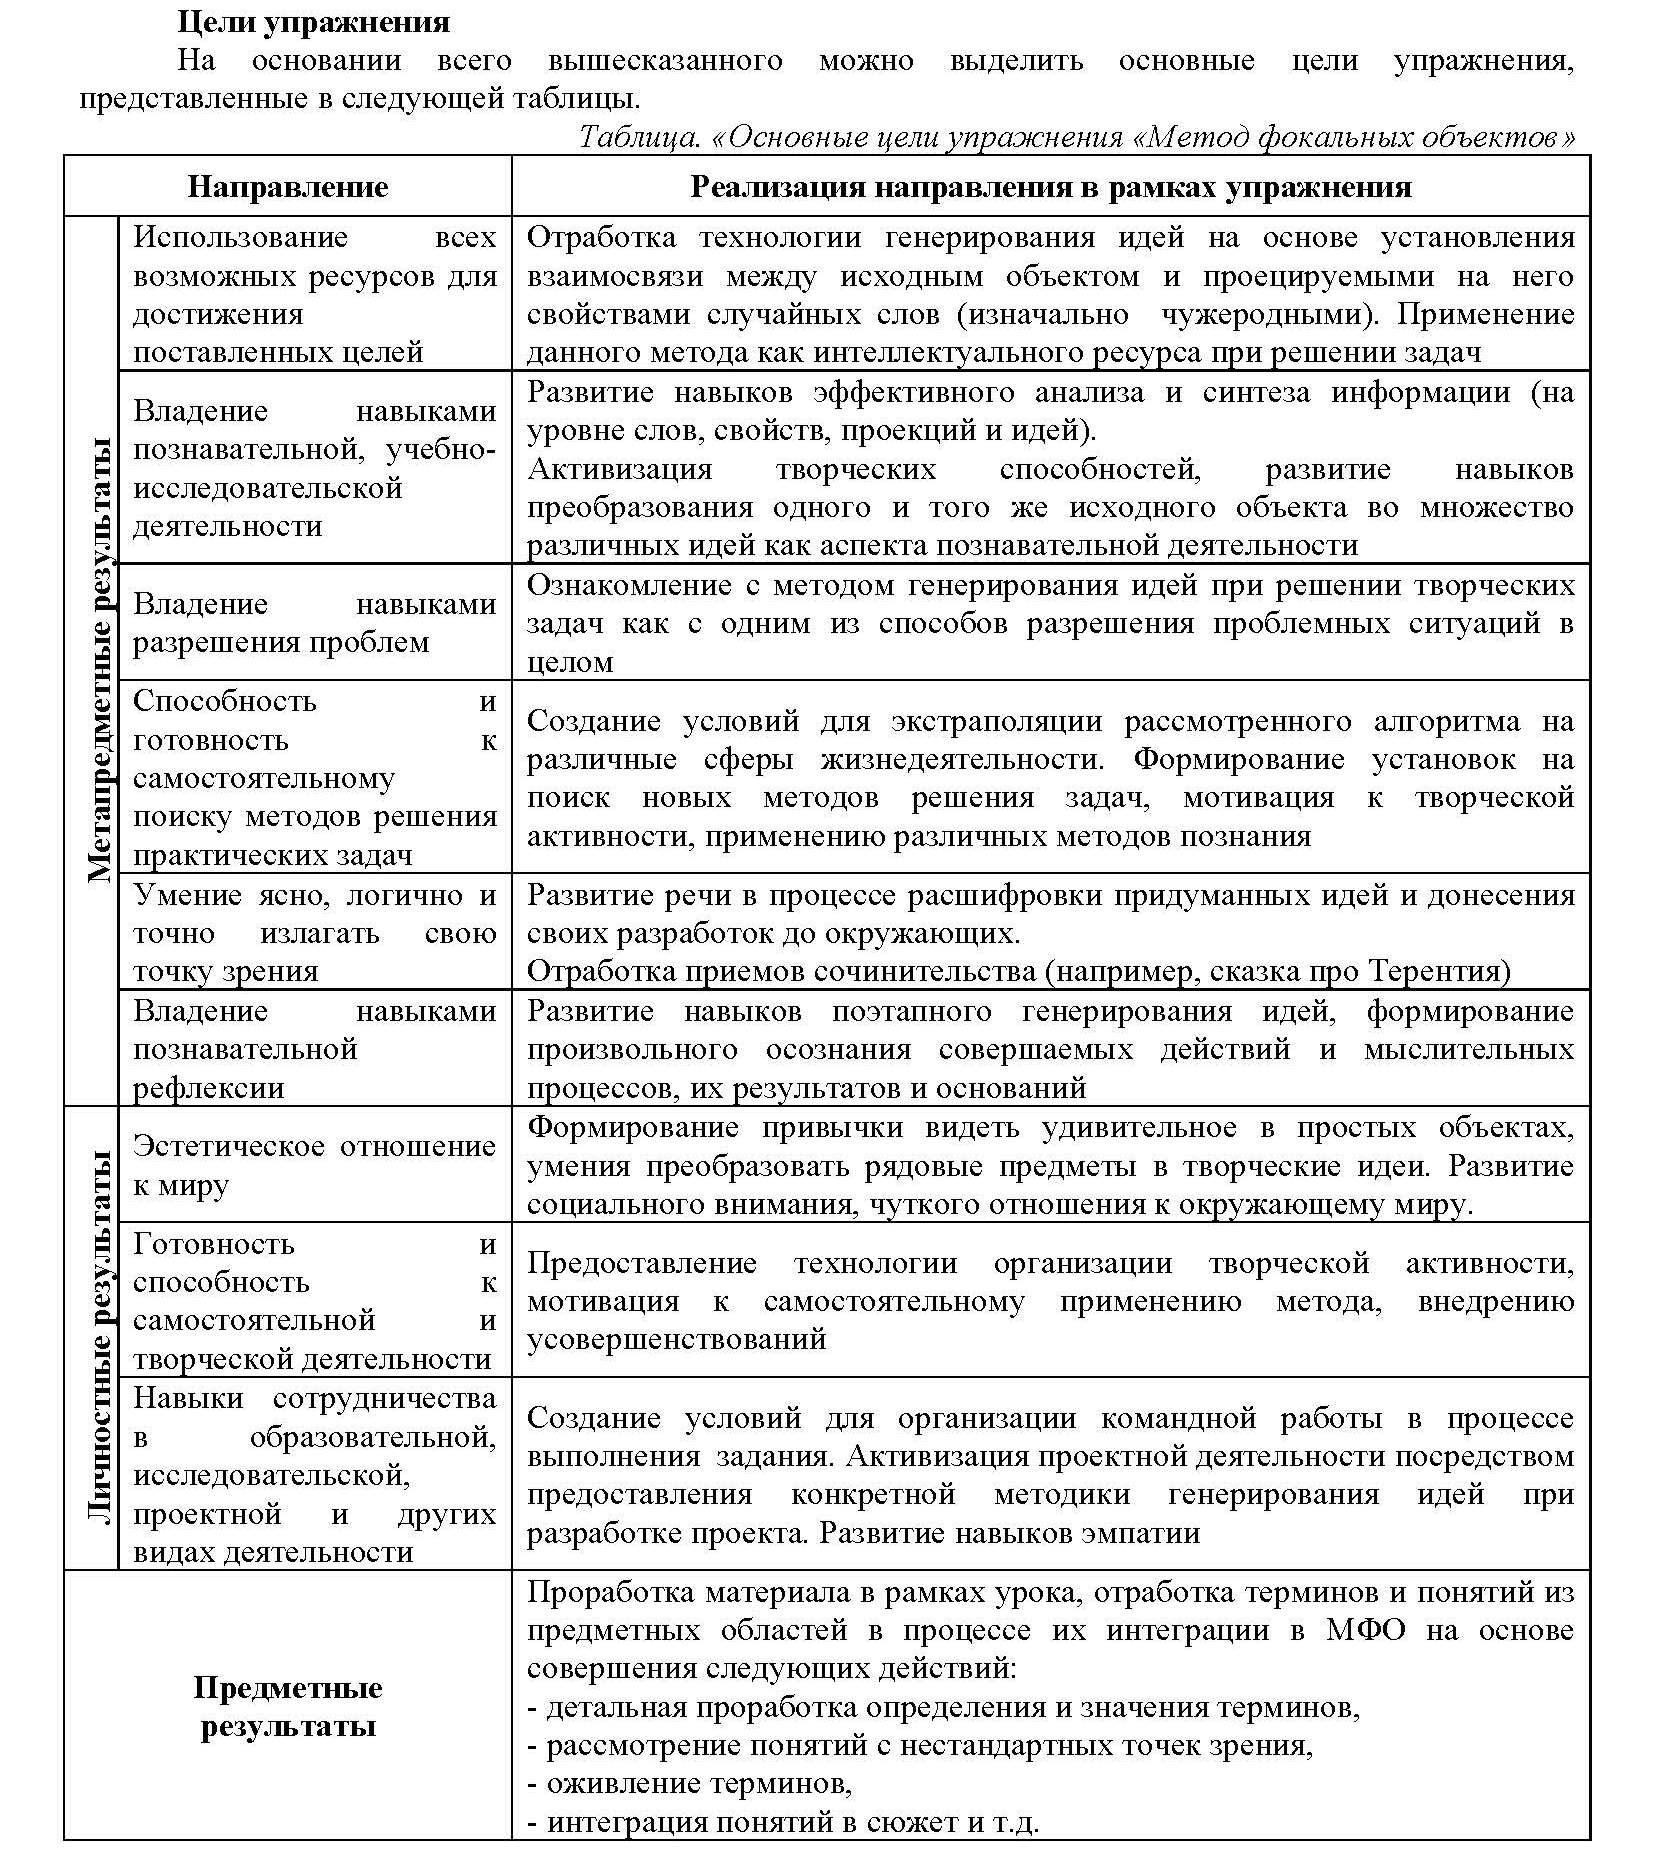 МФО и др._Страница_10